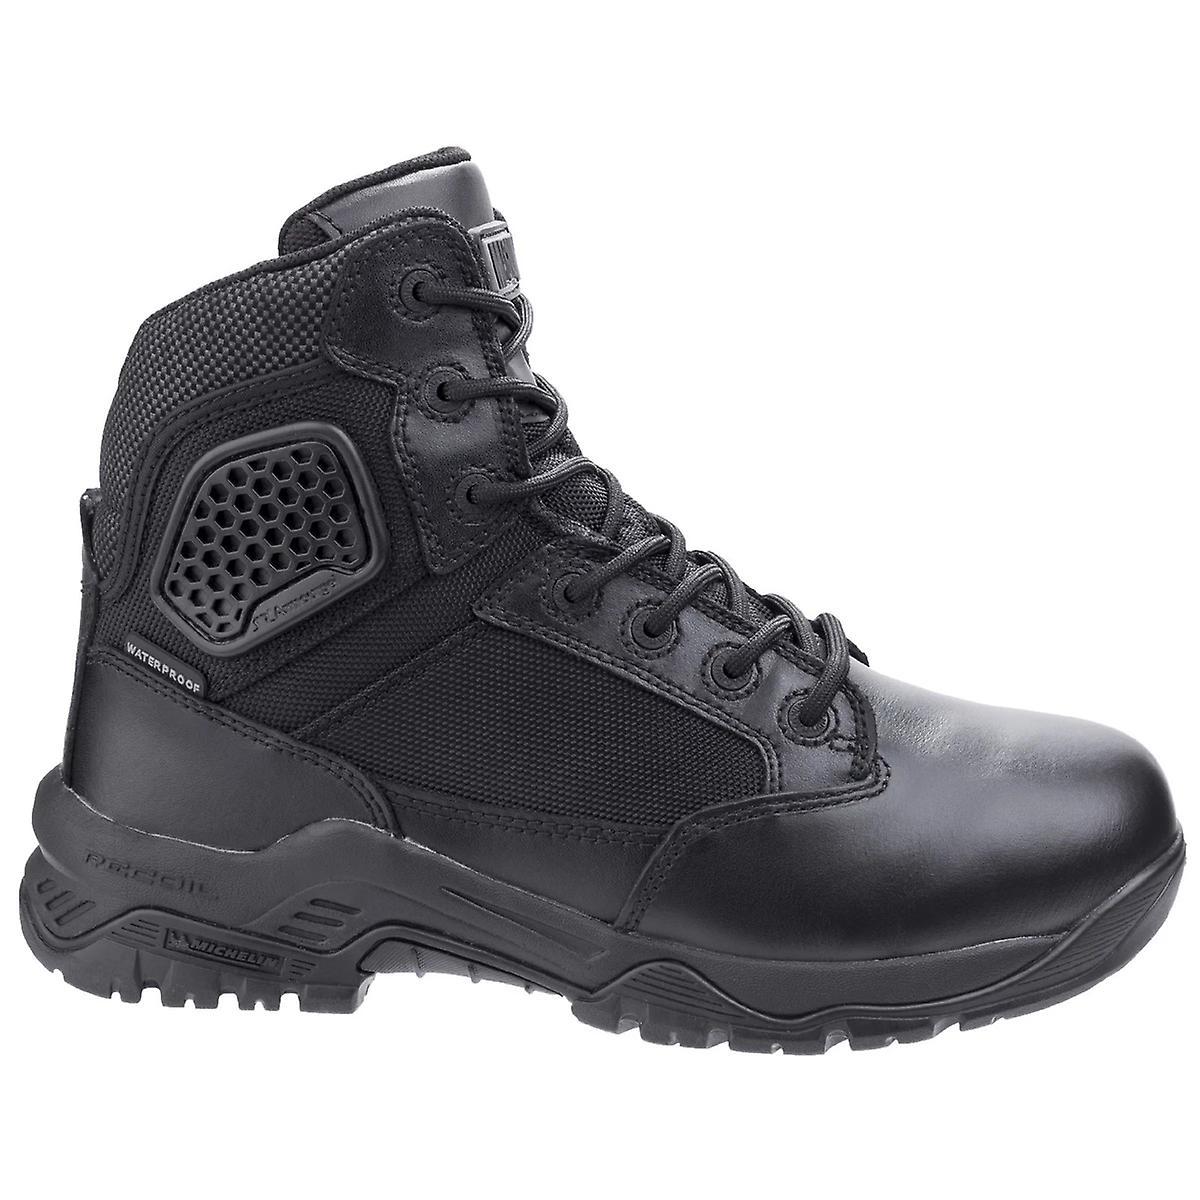 Magnum Mens Strike Force 6.0 Waterproof Work Boots - Spesiell rabatt